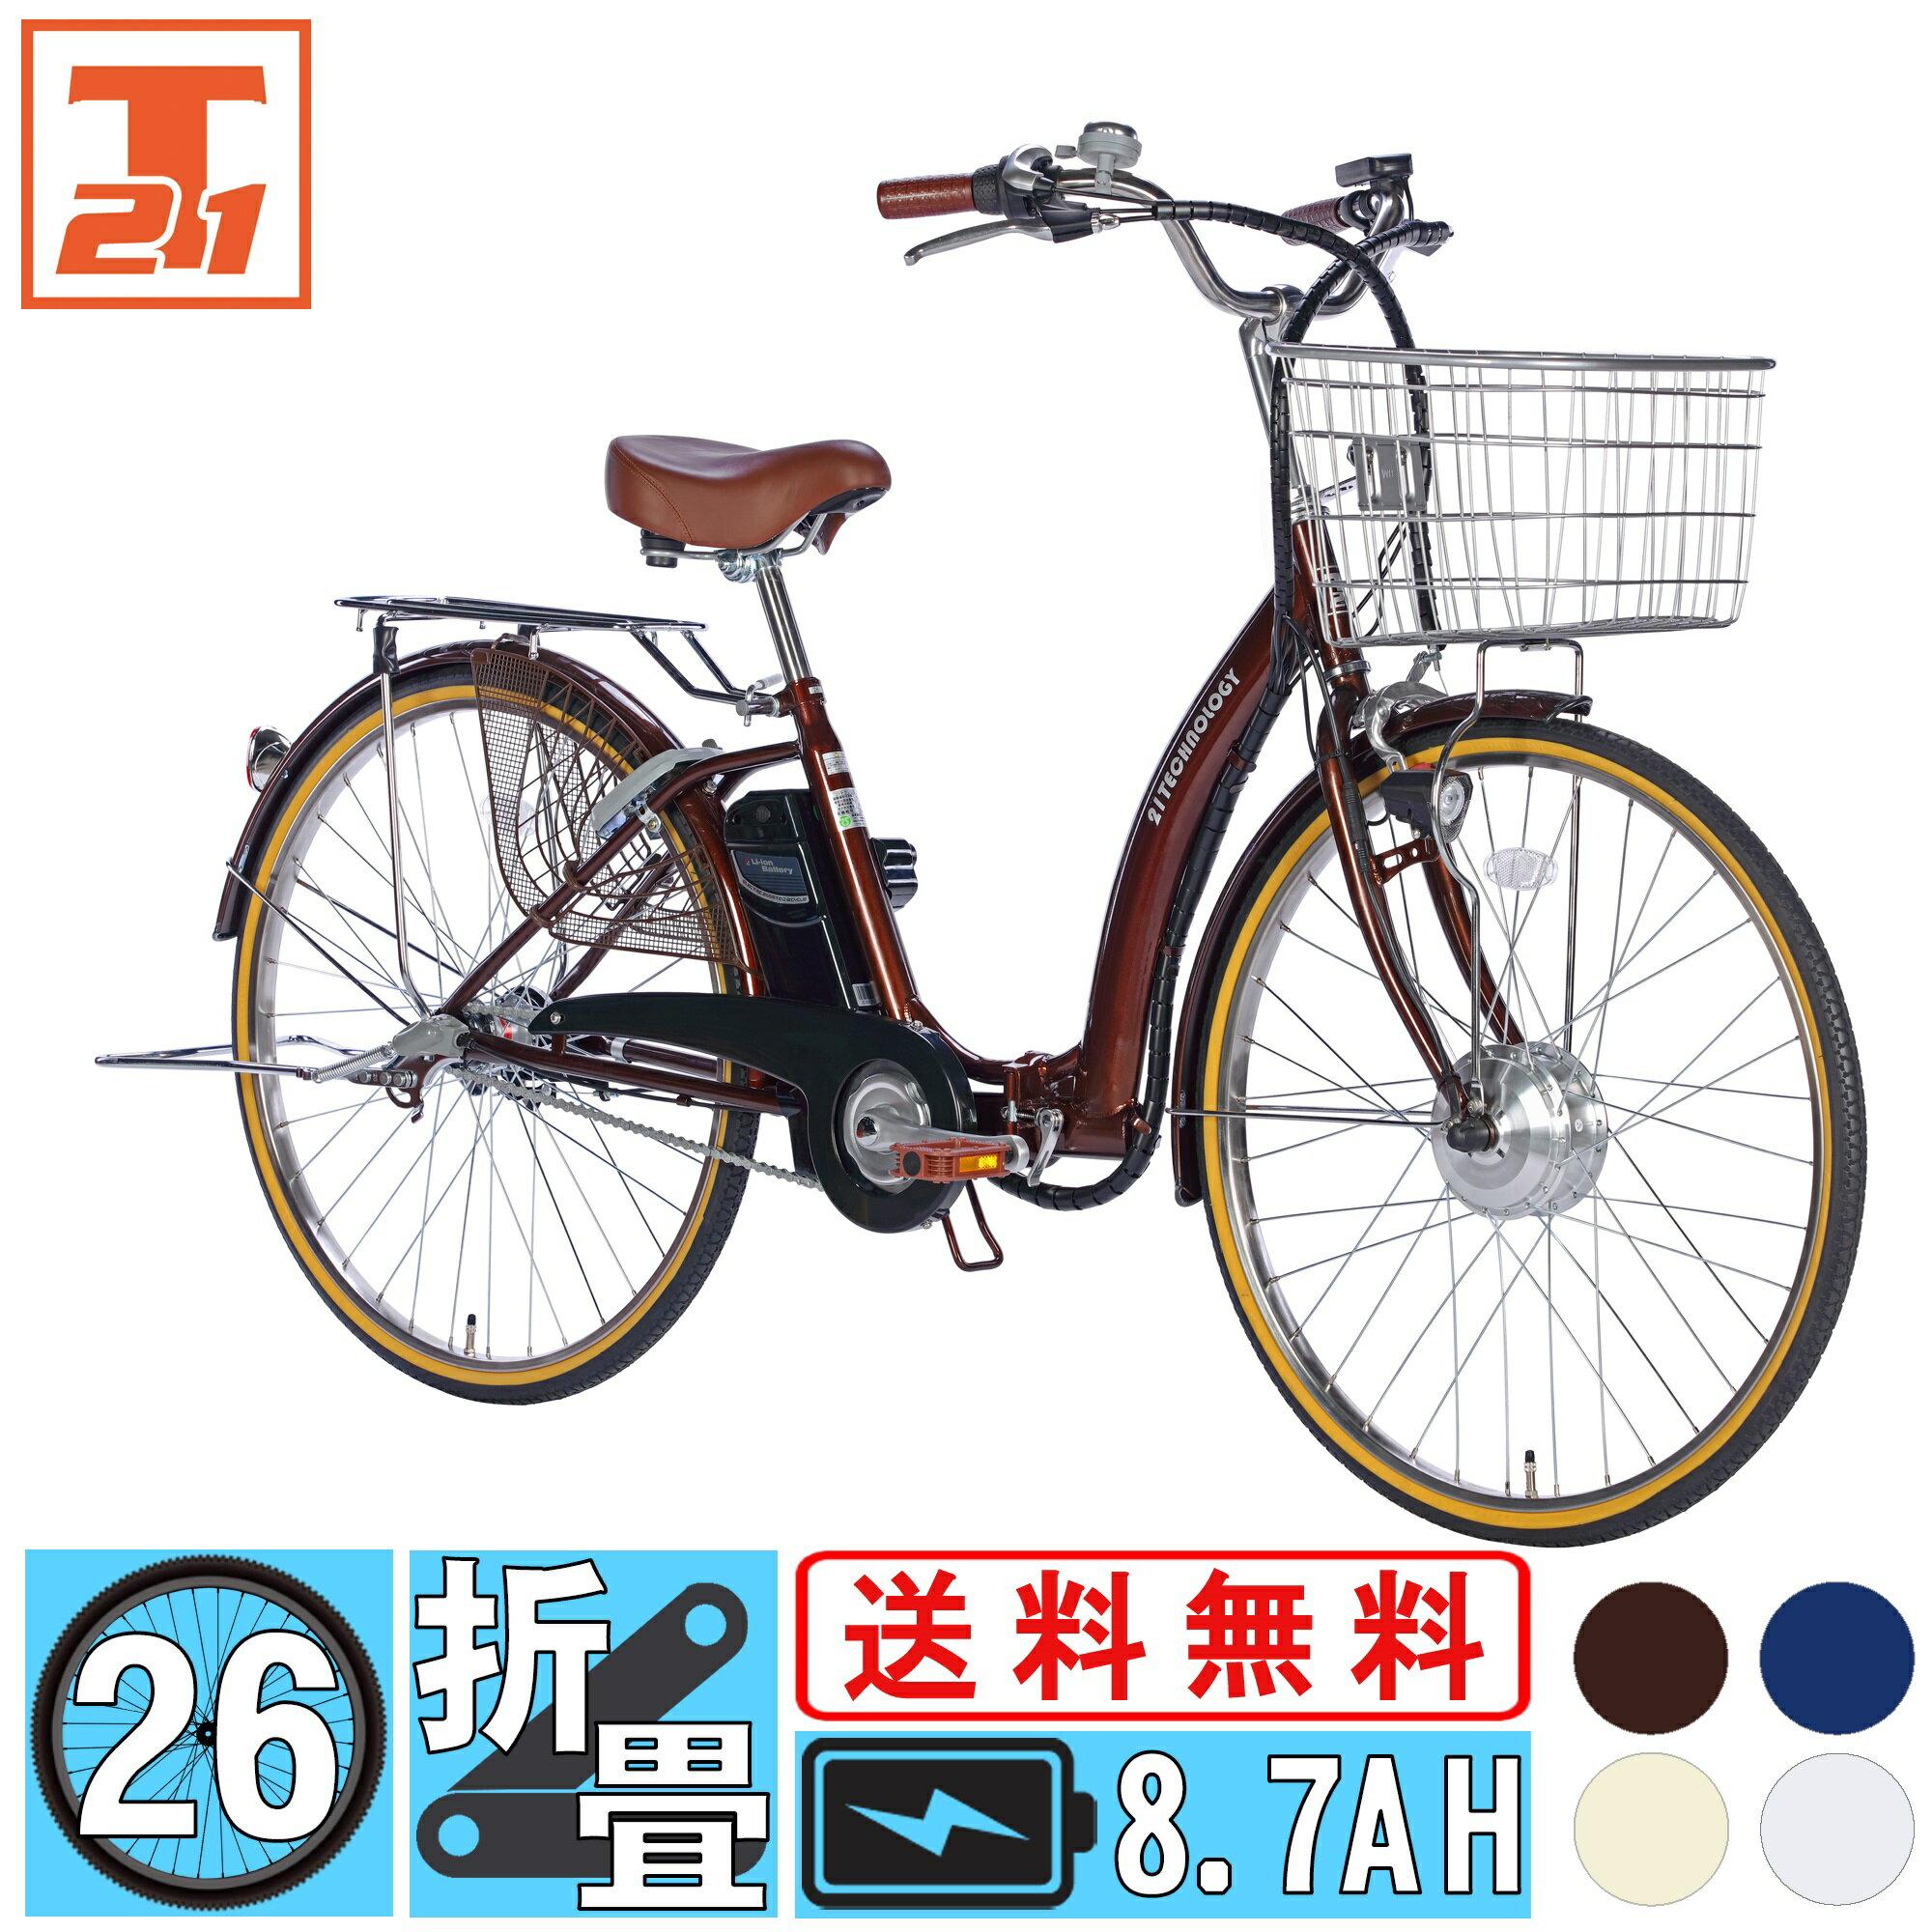 自転車・サイクリング, 電動アシスト自転車 24202822000OFF 3 26 DA263